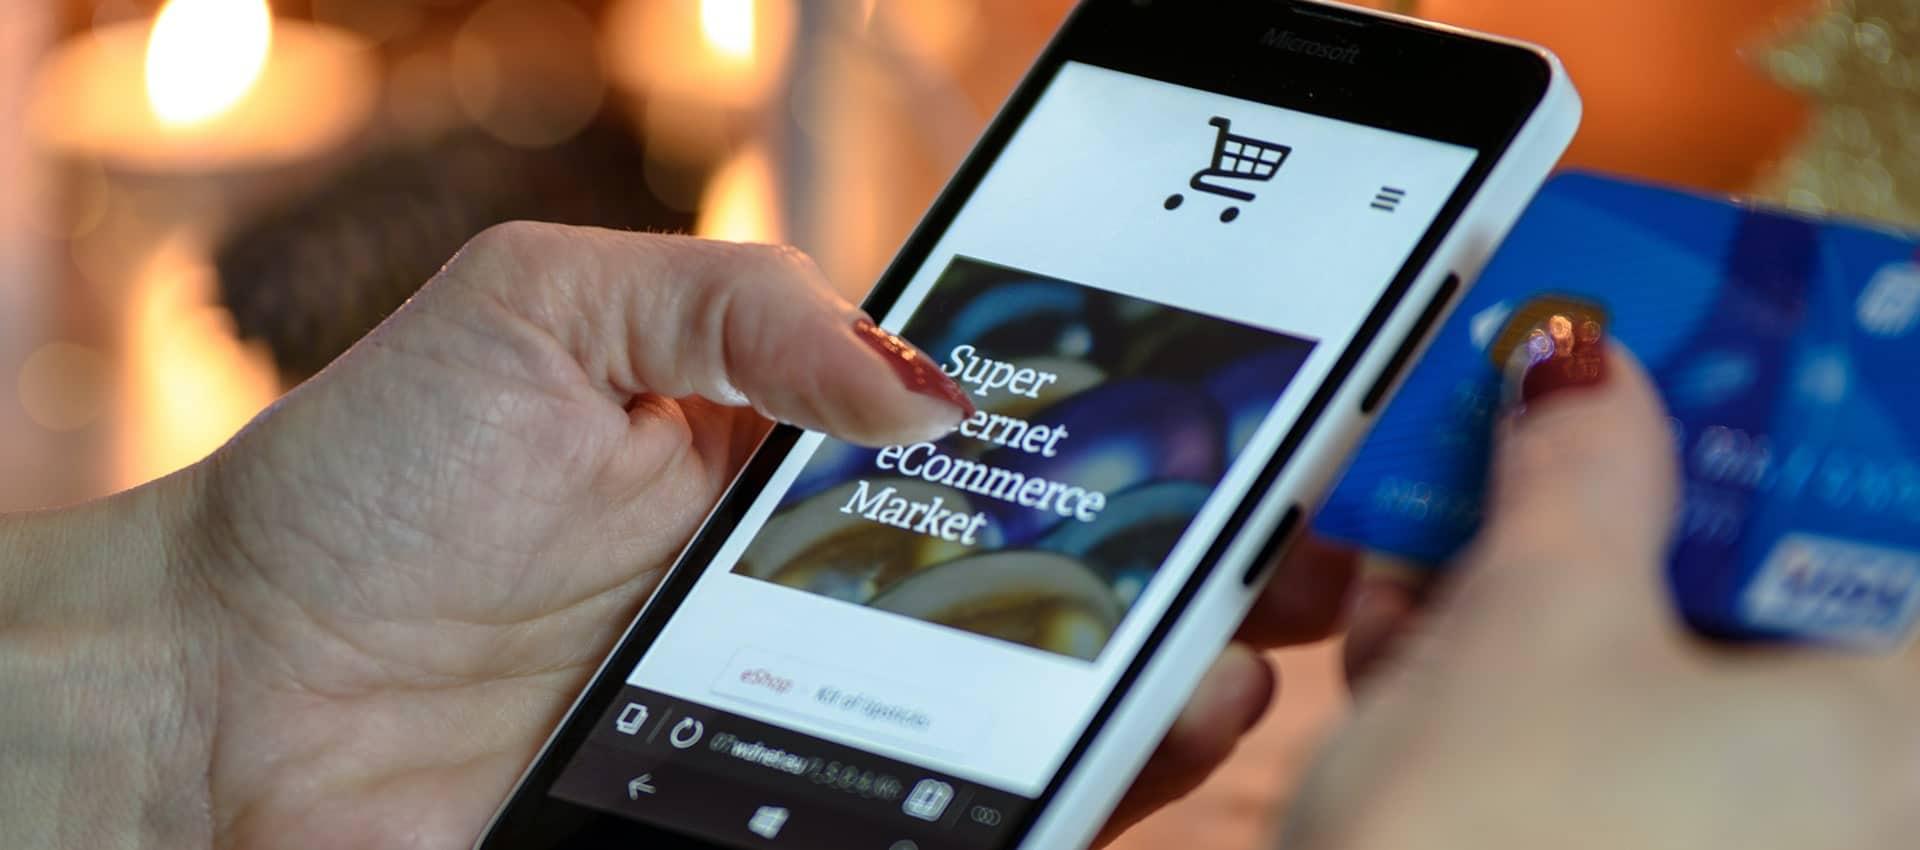 Google Shopping Management